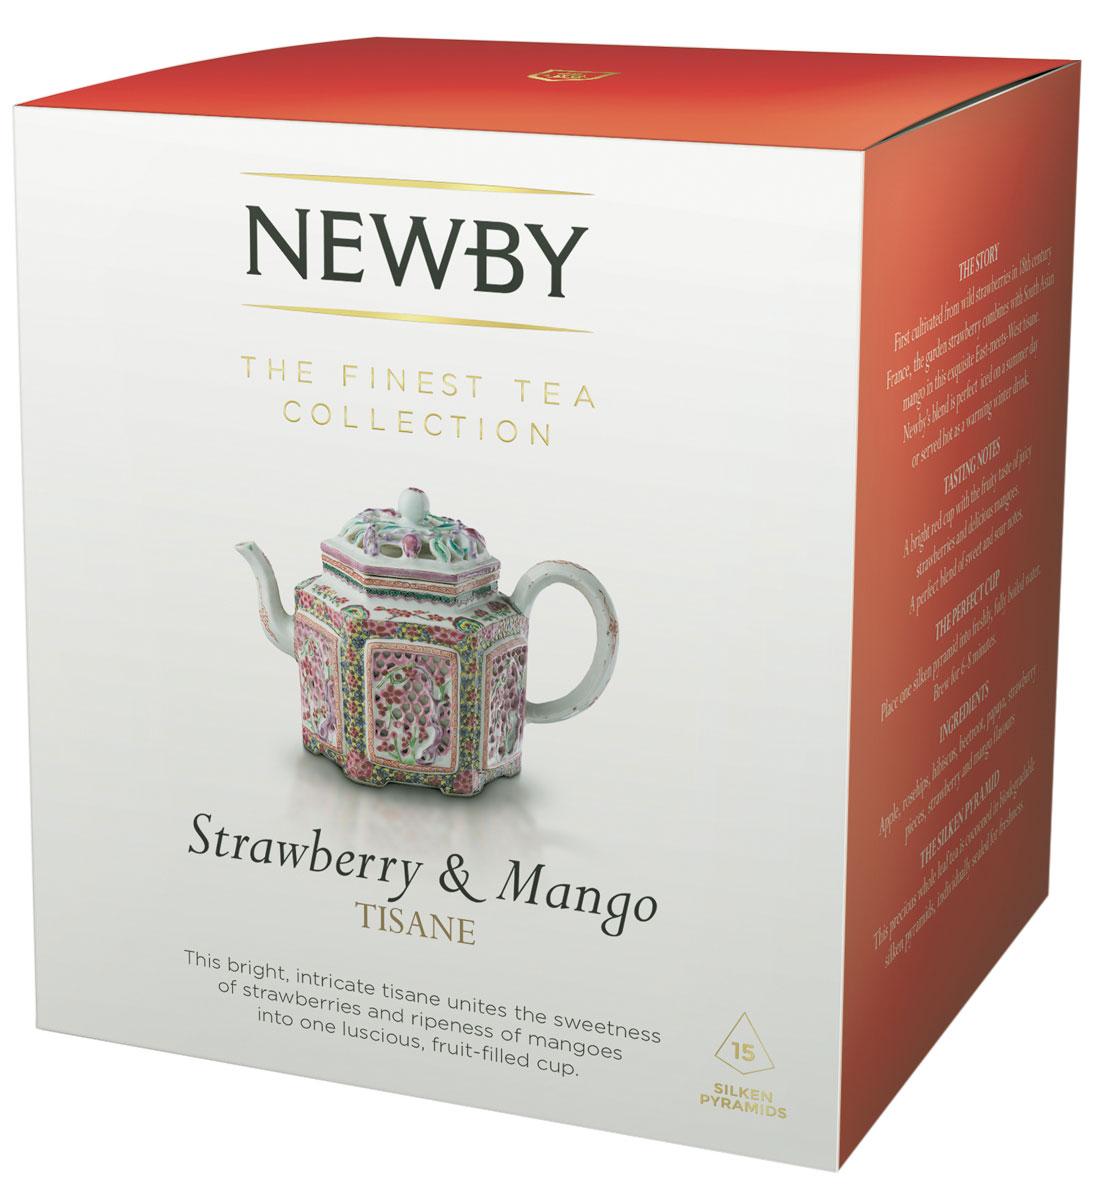 Newby Strawberry & Mango (infusion) фруктовый напиток в пирамидках, 15 шт600940ANewby Strawberry & Mango - вкуснейший фруктовый напиток. Мягкий вкус тропических фруктов с легкой кислинкой летних ягод и ароматом спелого манго. Каждая пирамидка упакована в индивидуальное саше из алюминиевой фольги для сохранения свежести ингредиентов.